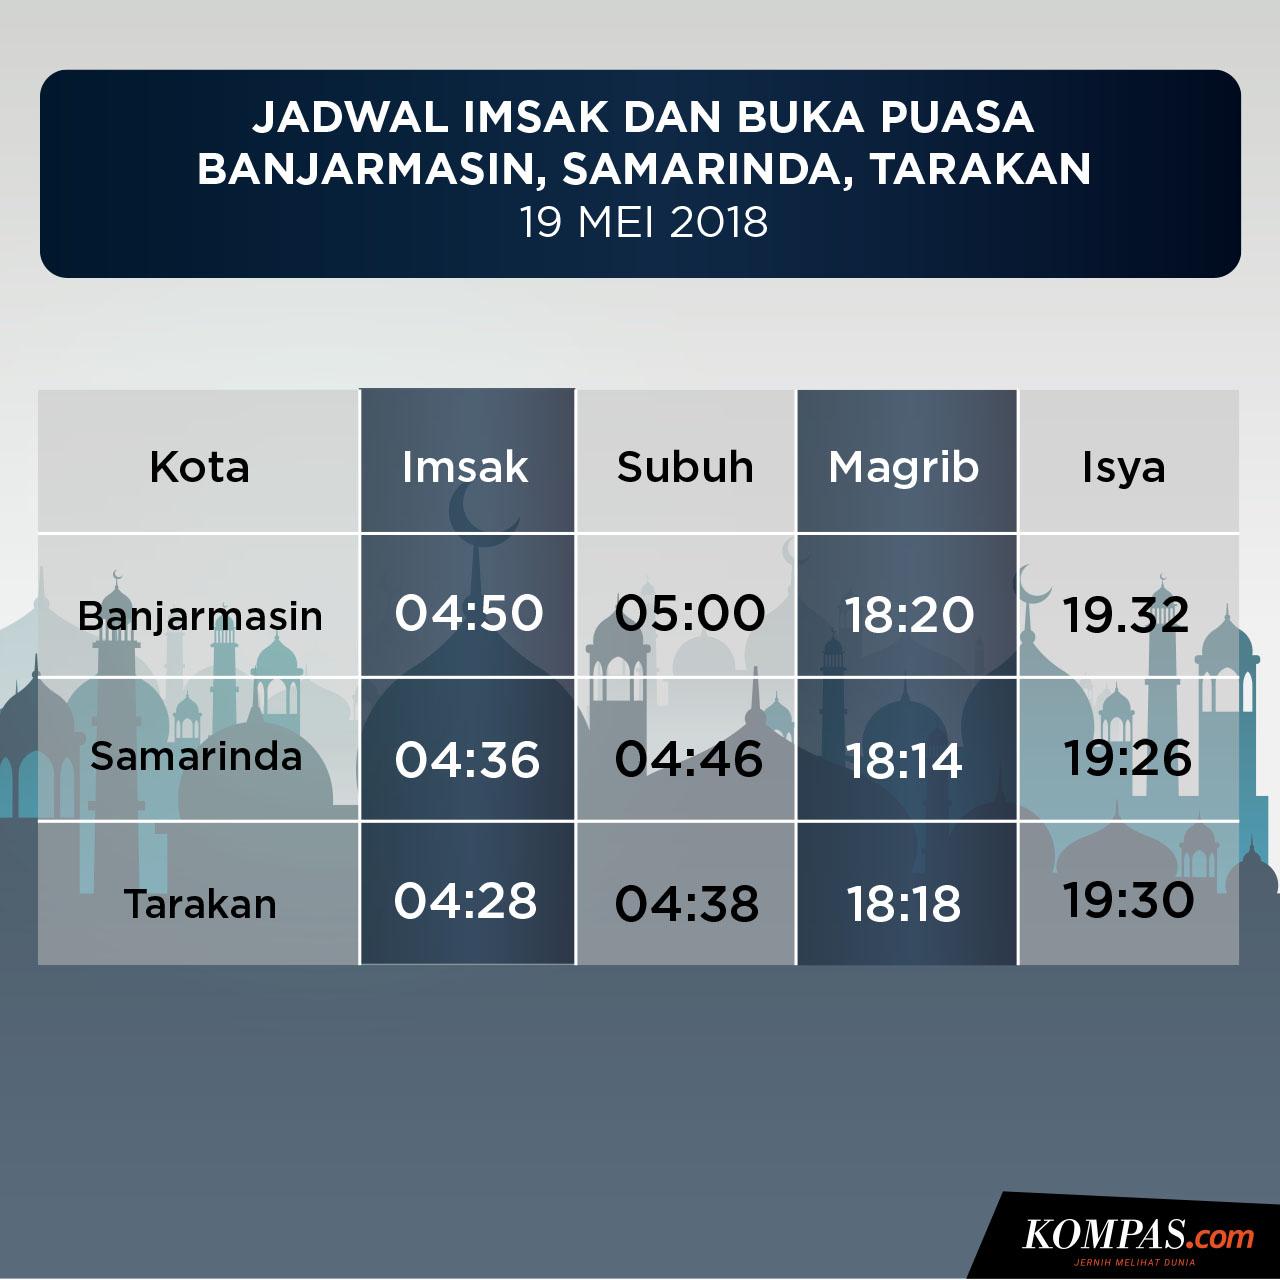 Jadwal Imsak dan Buka Puasa di Banjarmasin, Samarinda, dan Tarakan ...